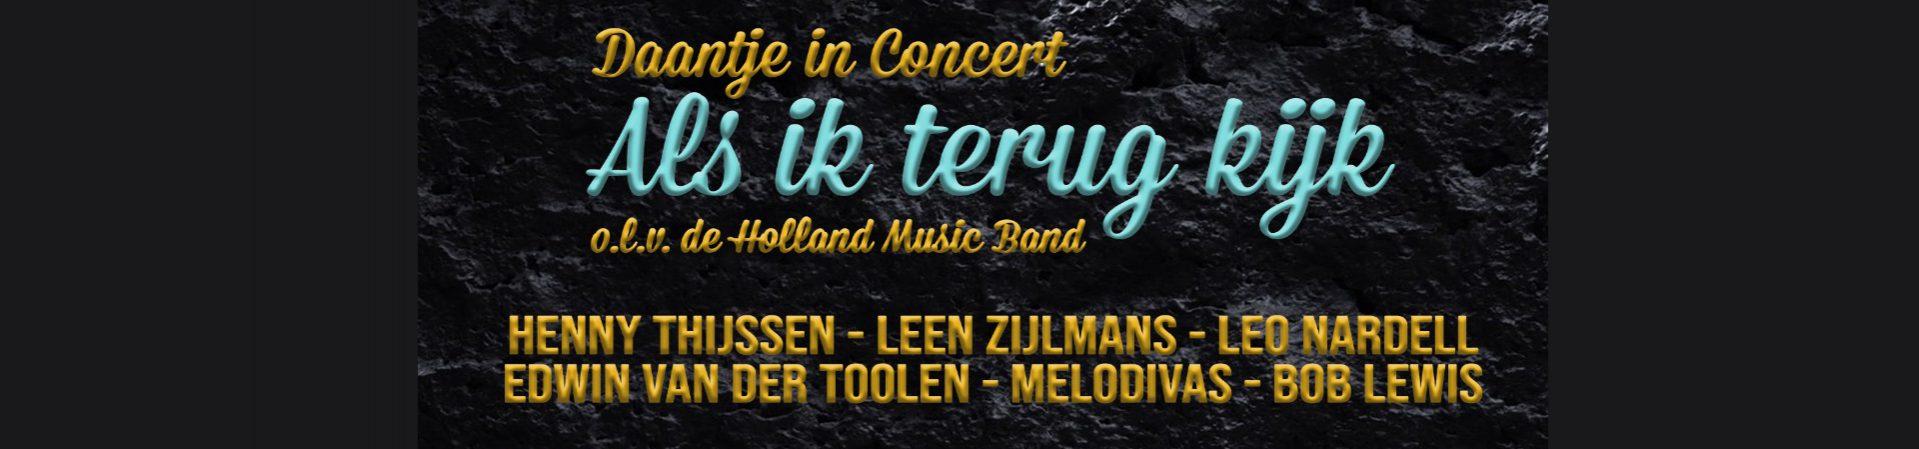 Daantje in Concert online tickets